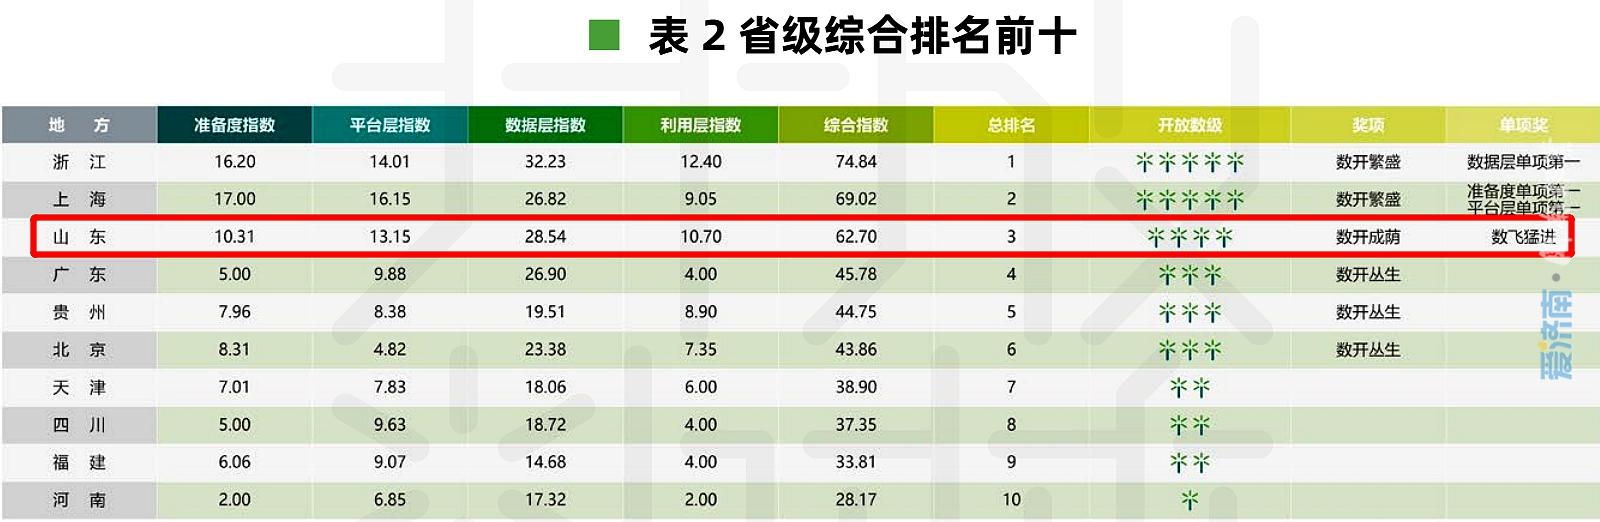 全国地方政府数据开放排名 济南位列地级(含副省级)第五